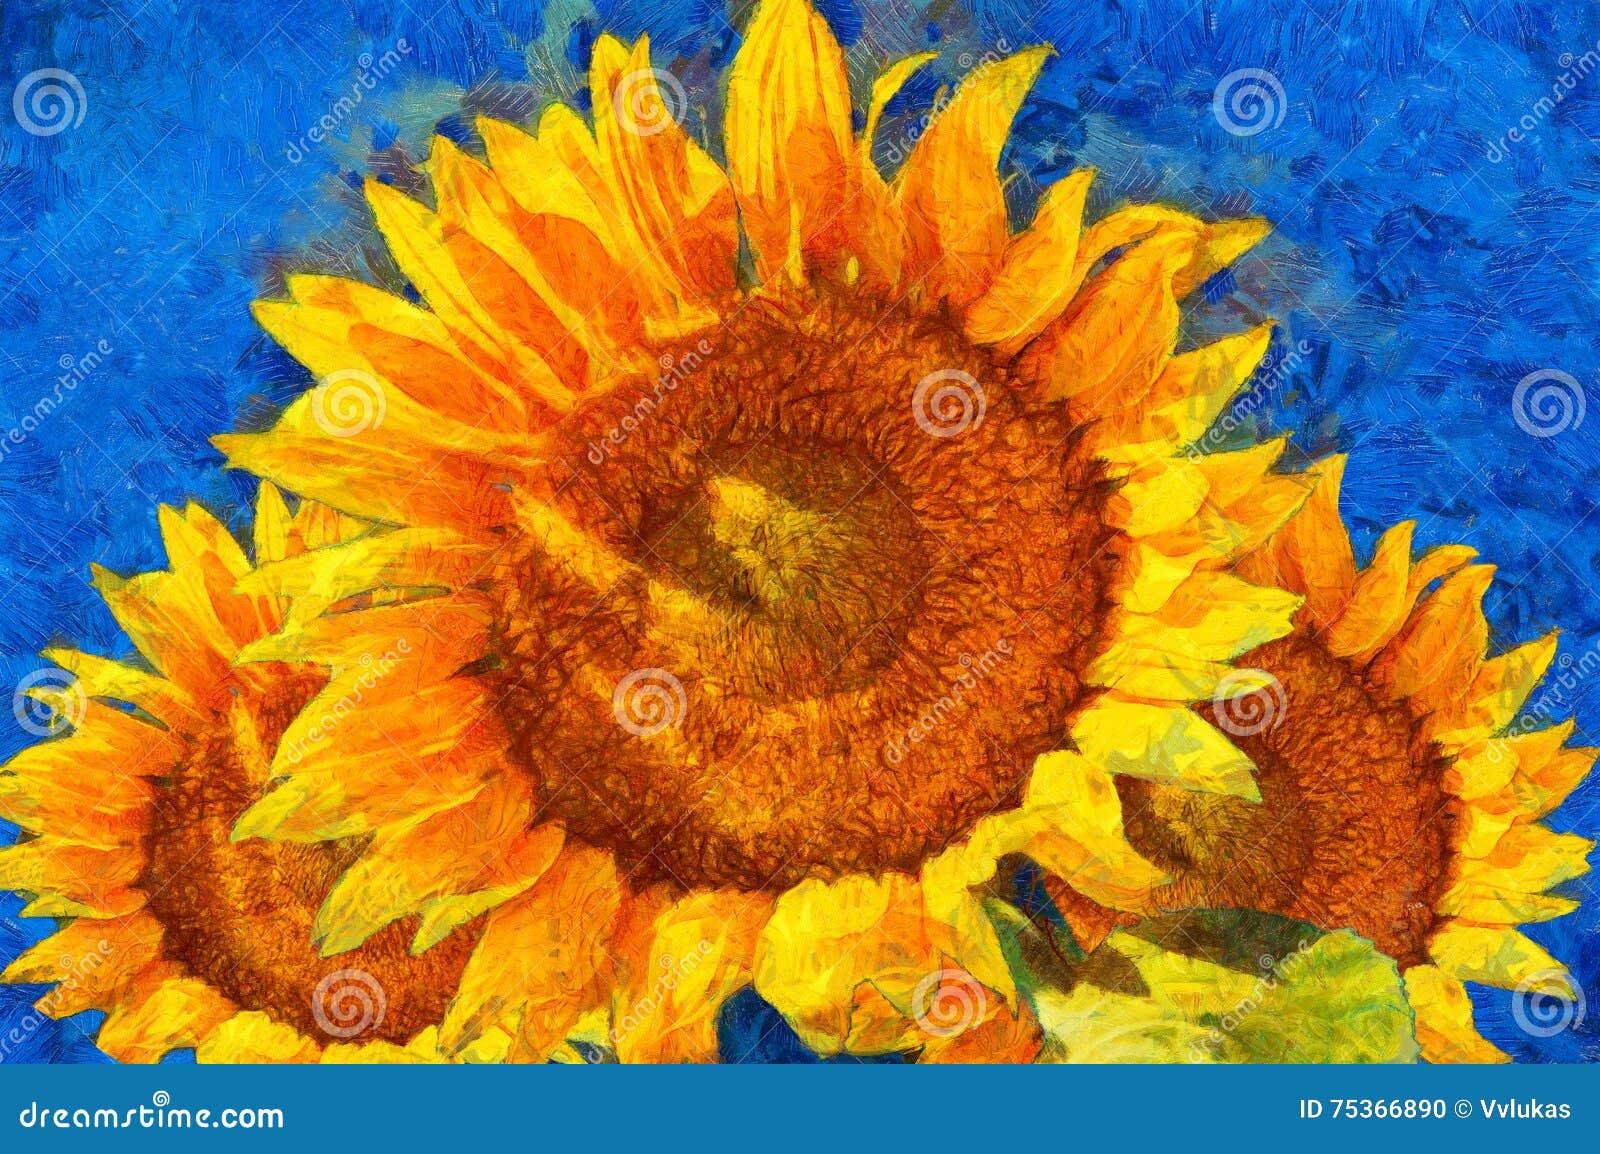 Matrimonio Girasoli Van Gogh : Girasoli imitazione di stile van gogh illustrazione